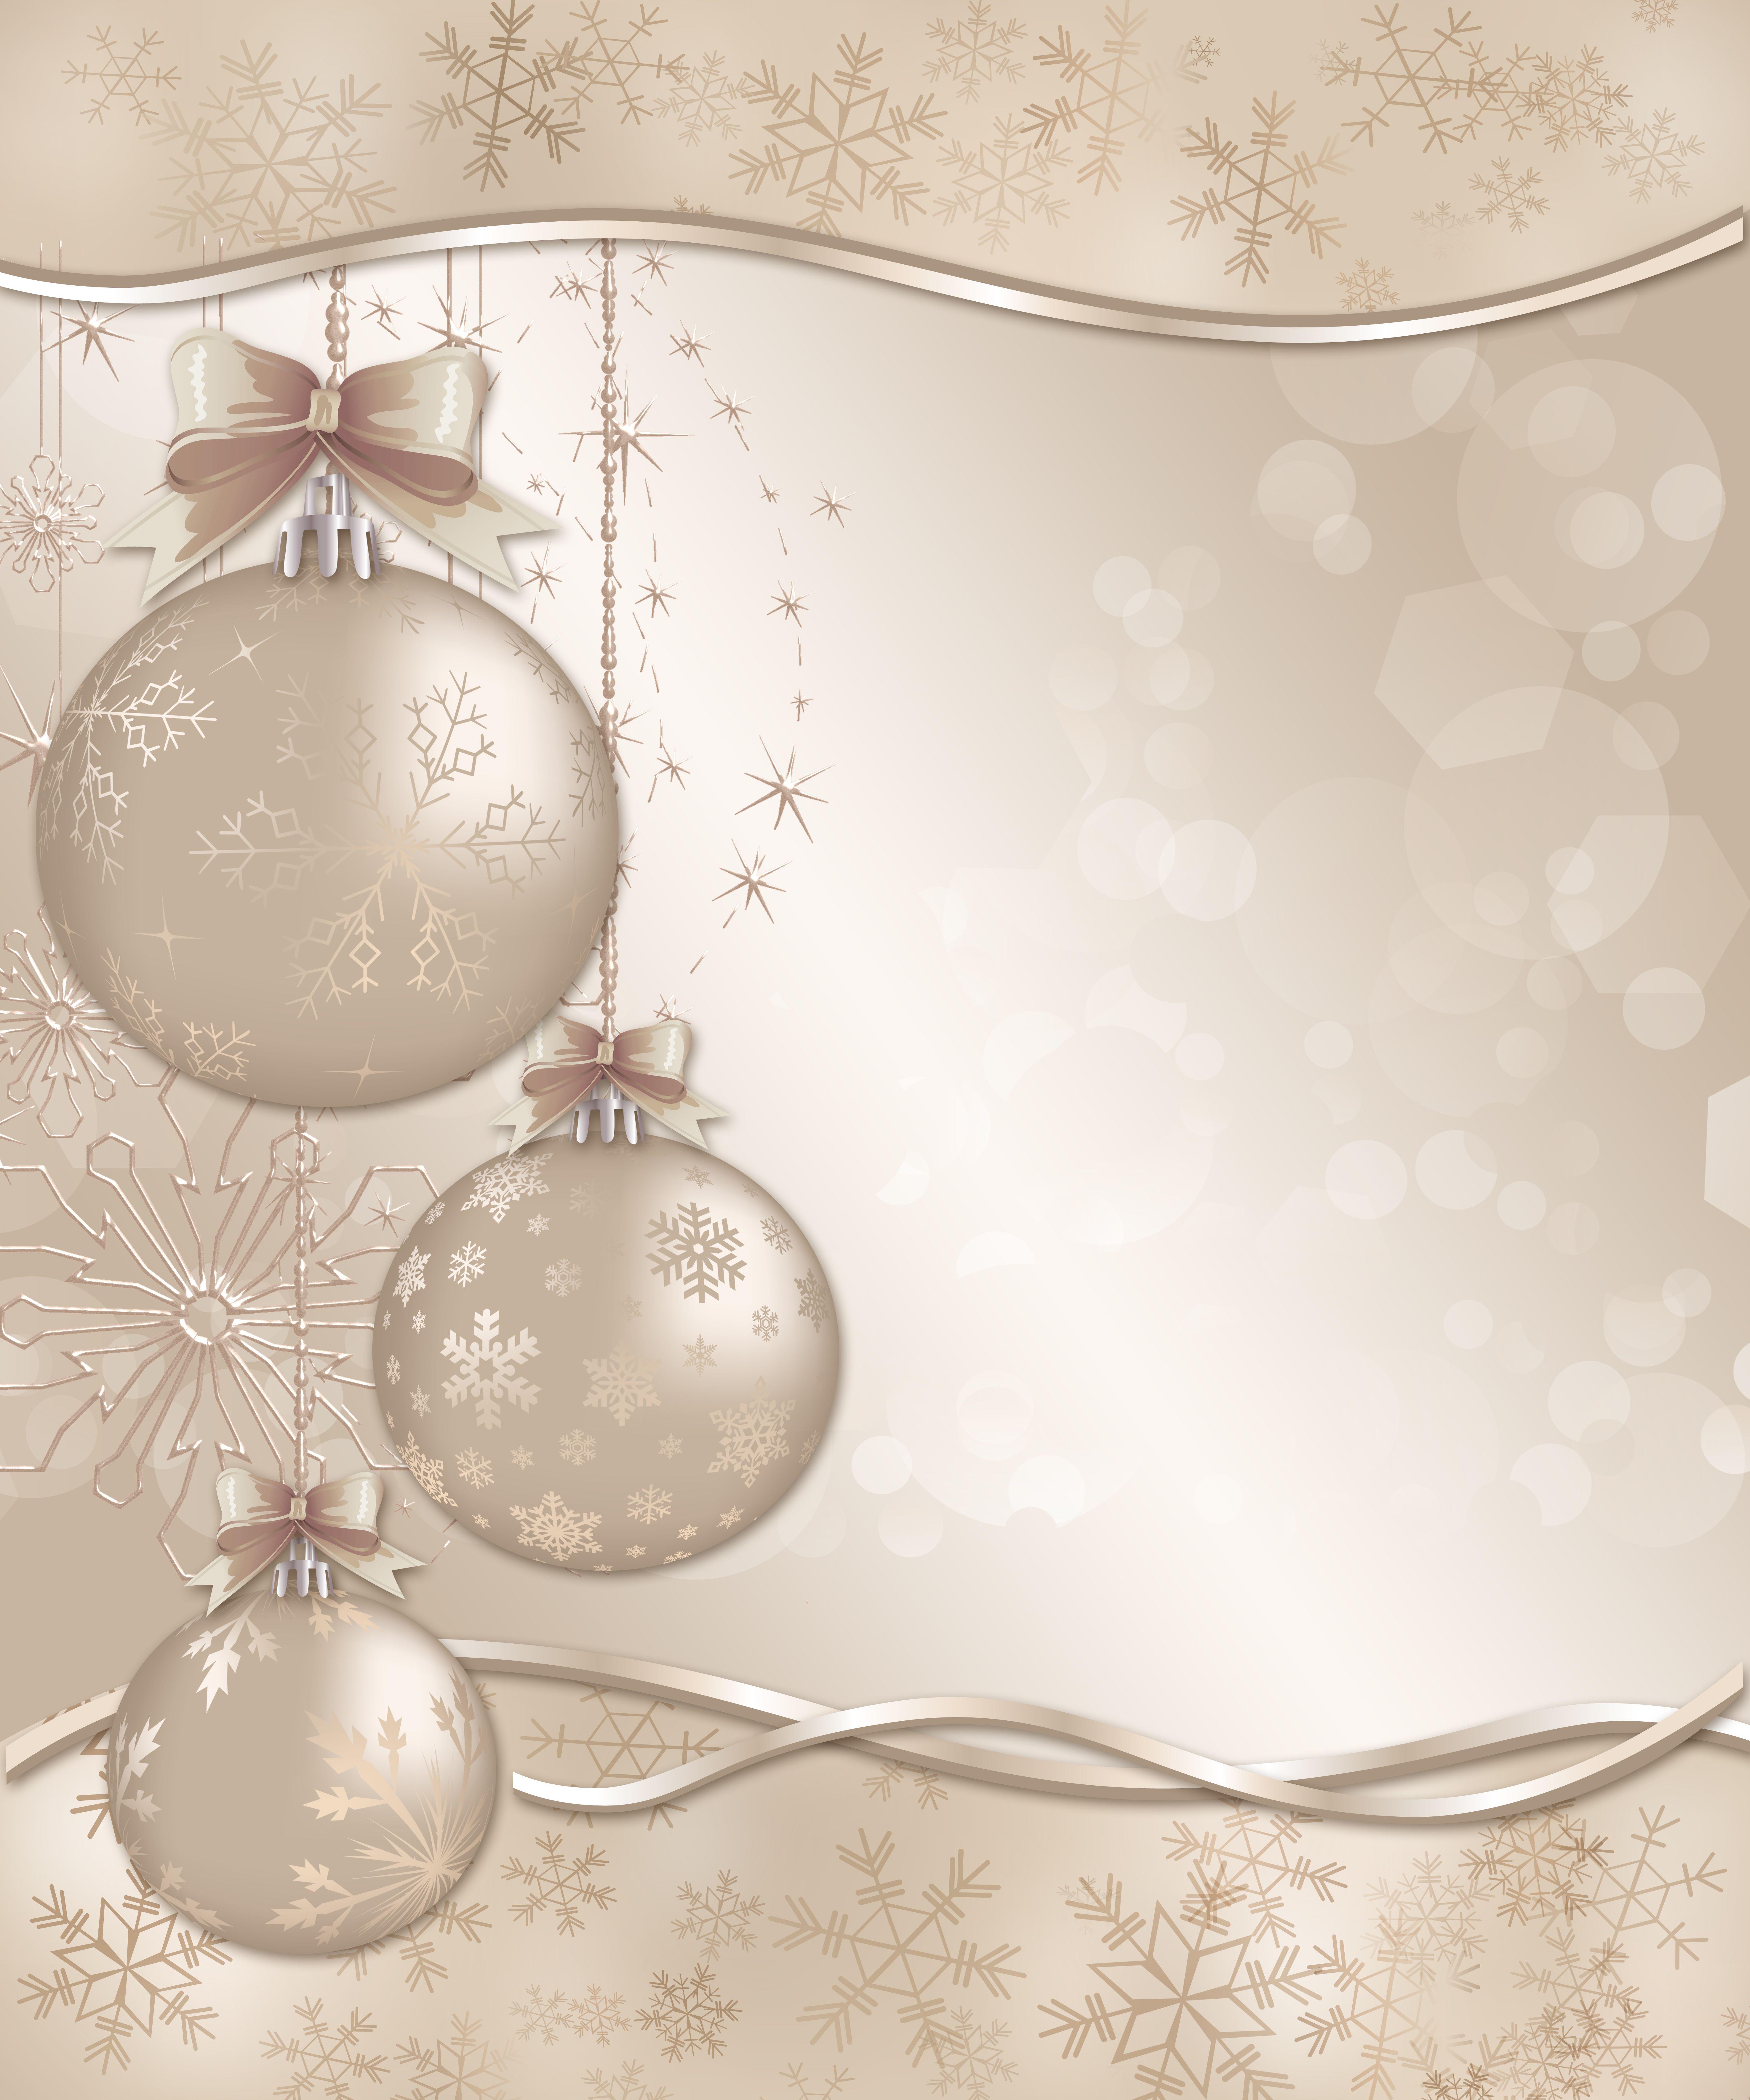 Винтажная новогодняя открытка в фотошопе, пожелание